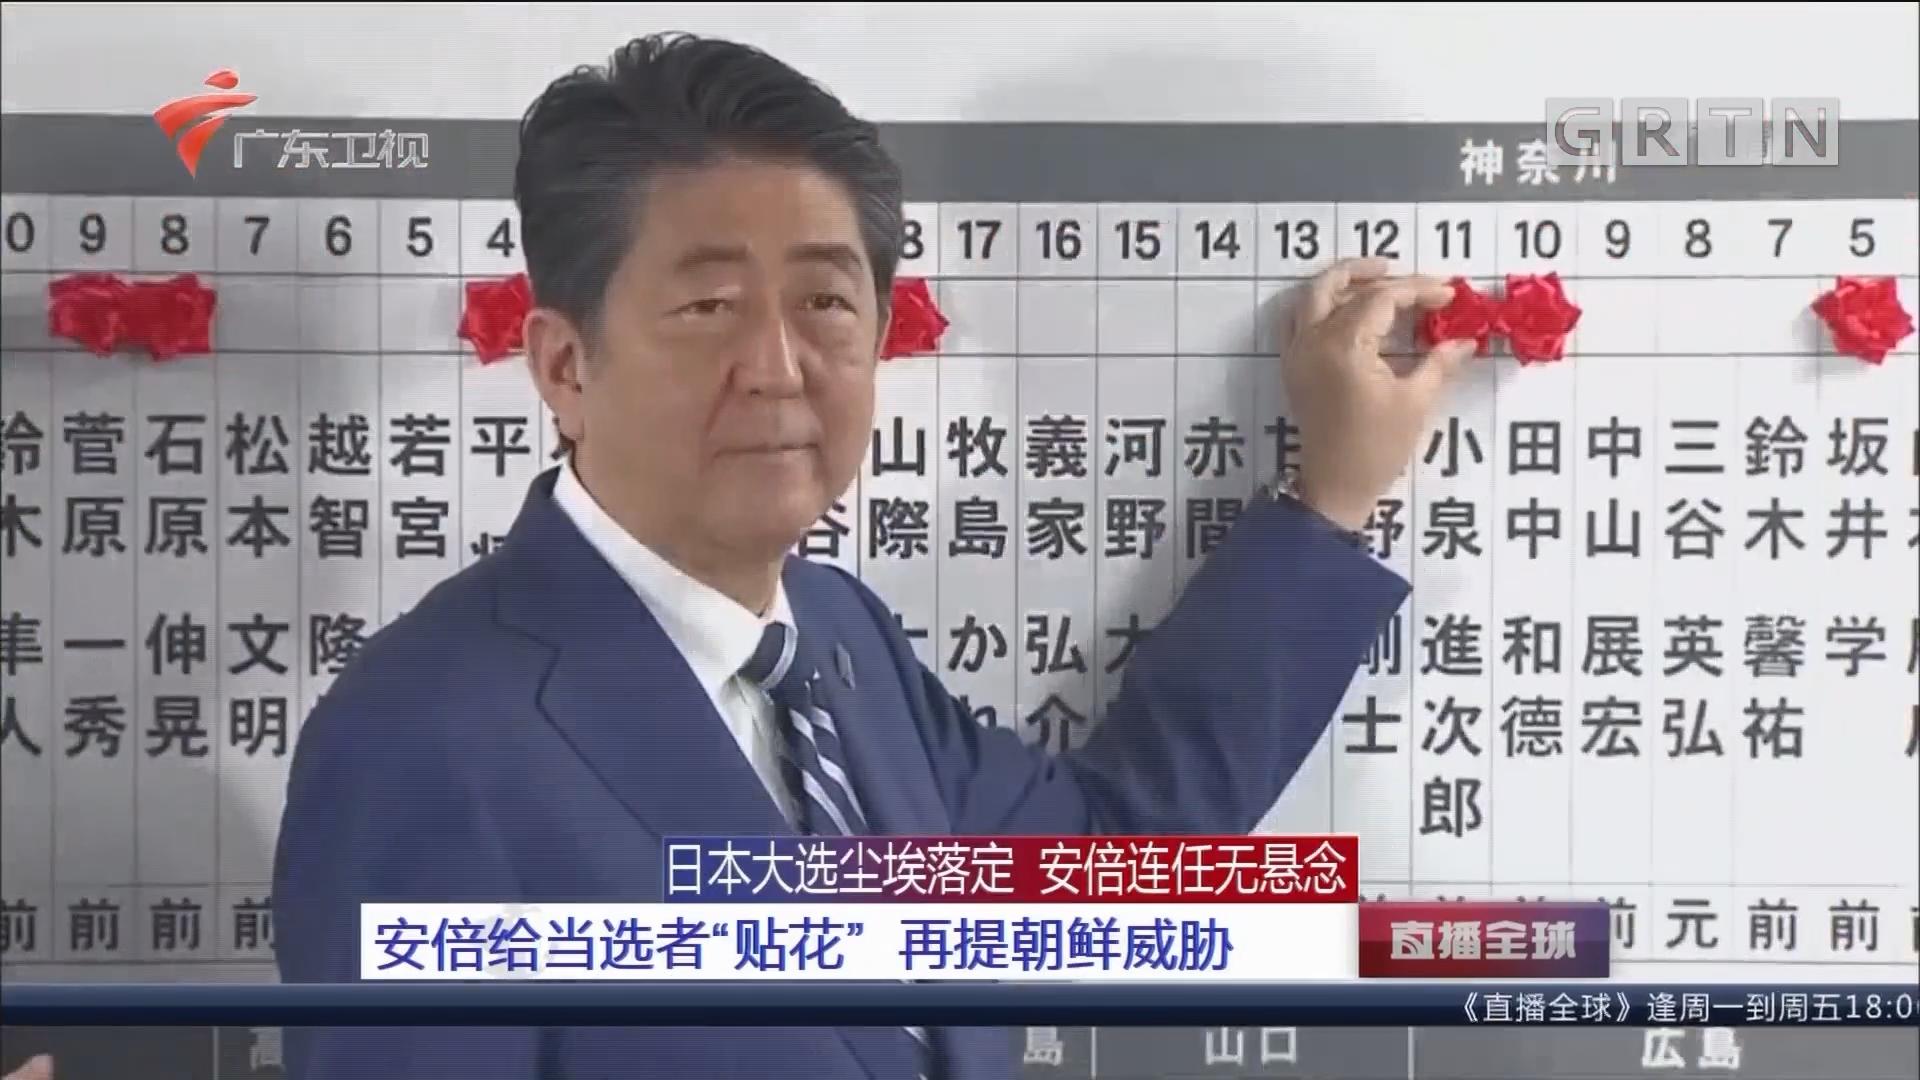 """日本大选尘埃落定 安倍连任无悬念:安倍给当选者""""贴花"""" 再提朝鲜威胁"""